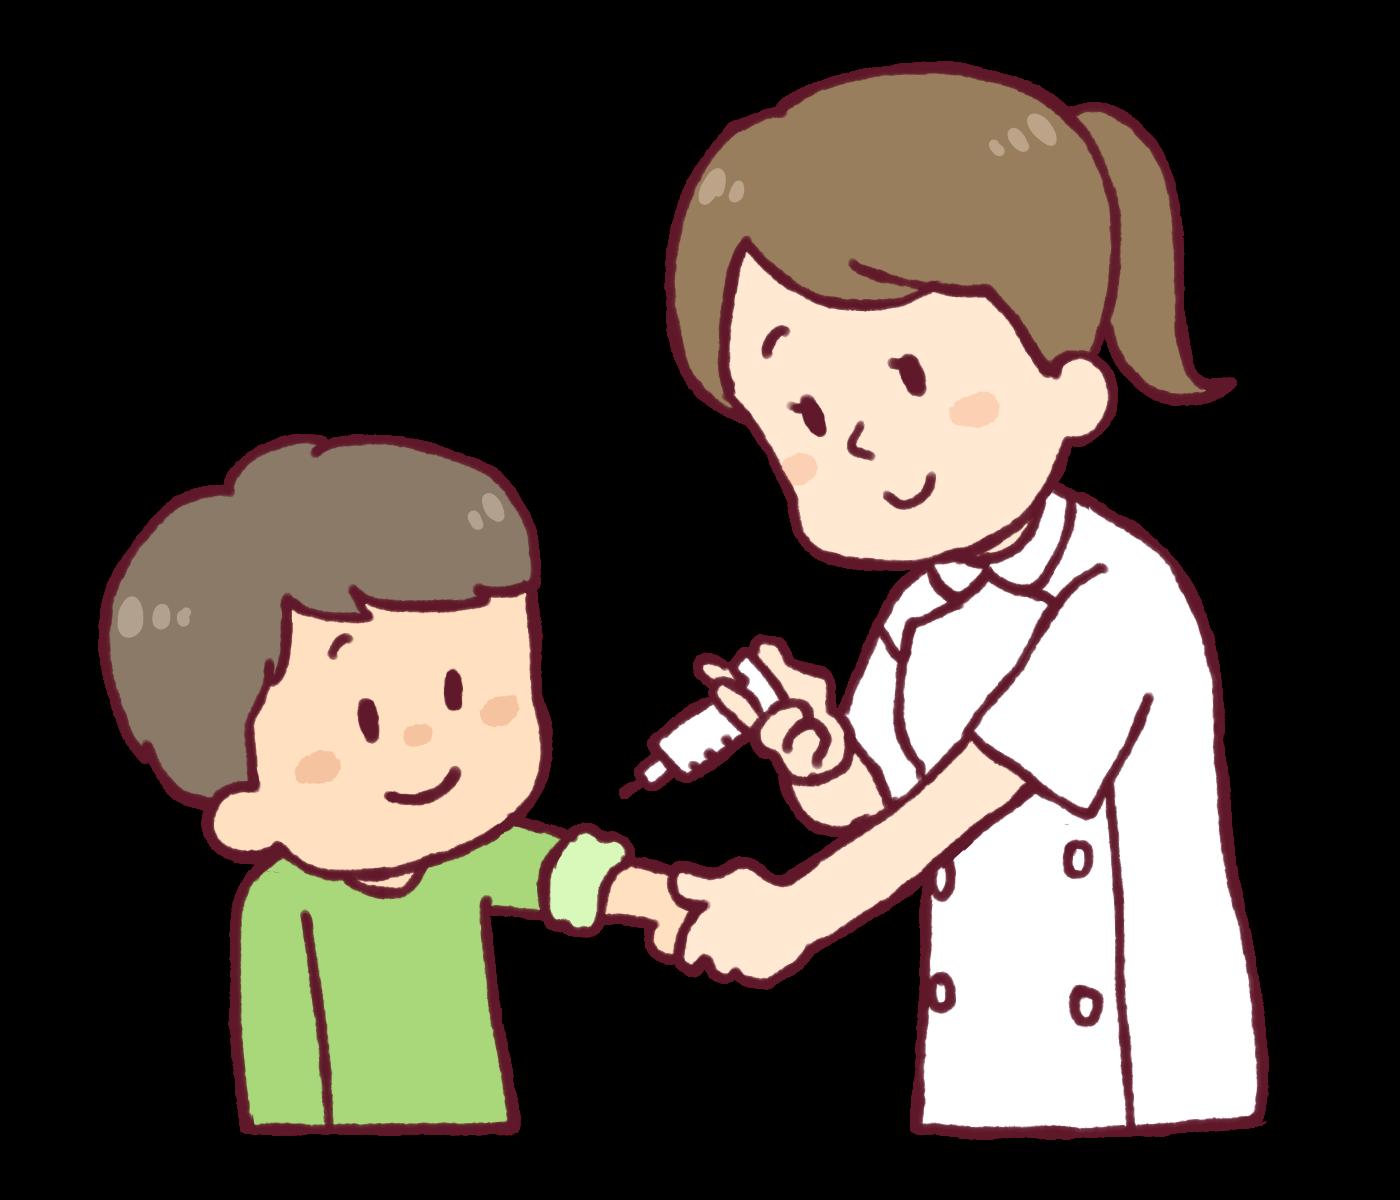 インフルエンザワクチンは、2季連続 vs 今季のみで有効性が異なるか?